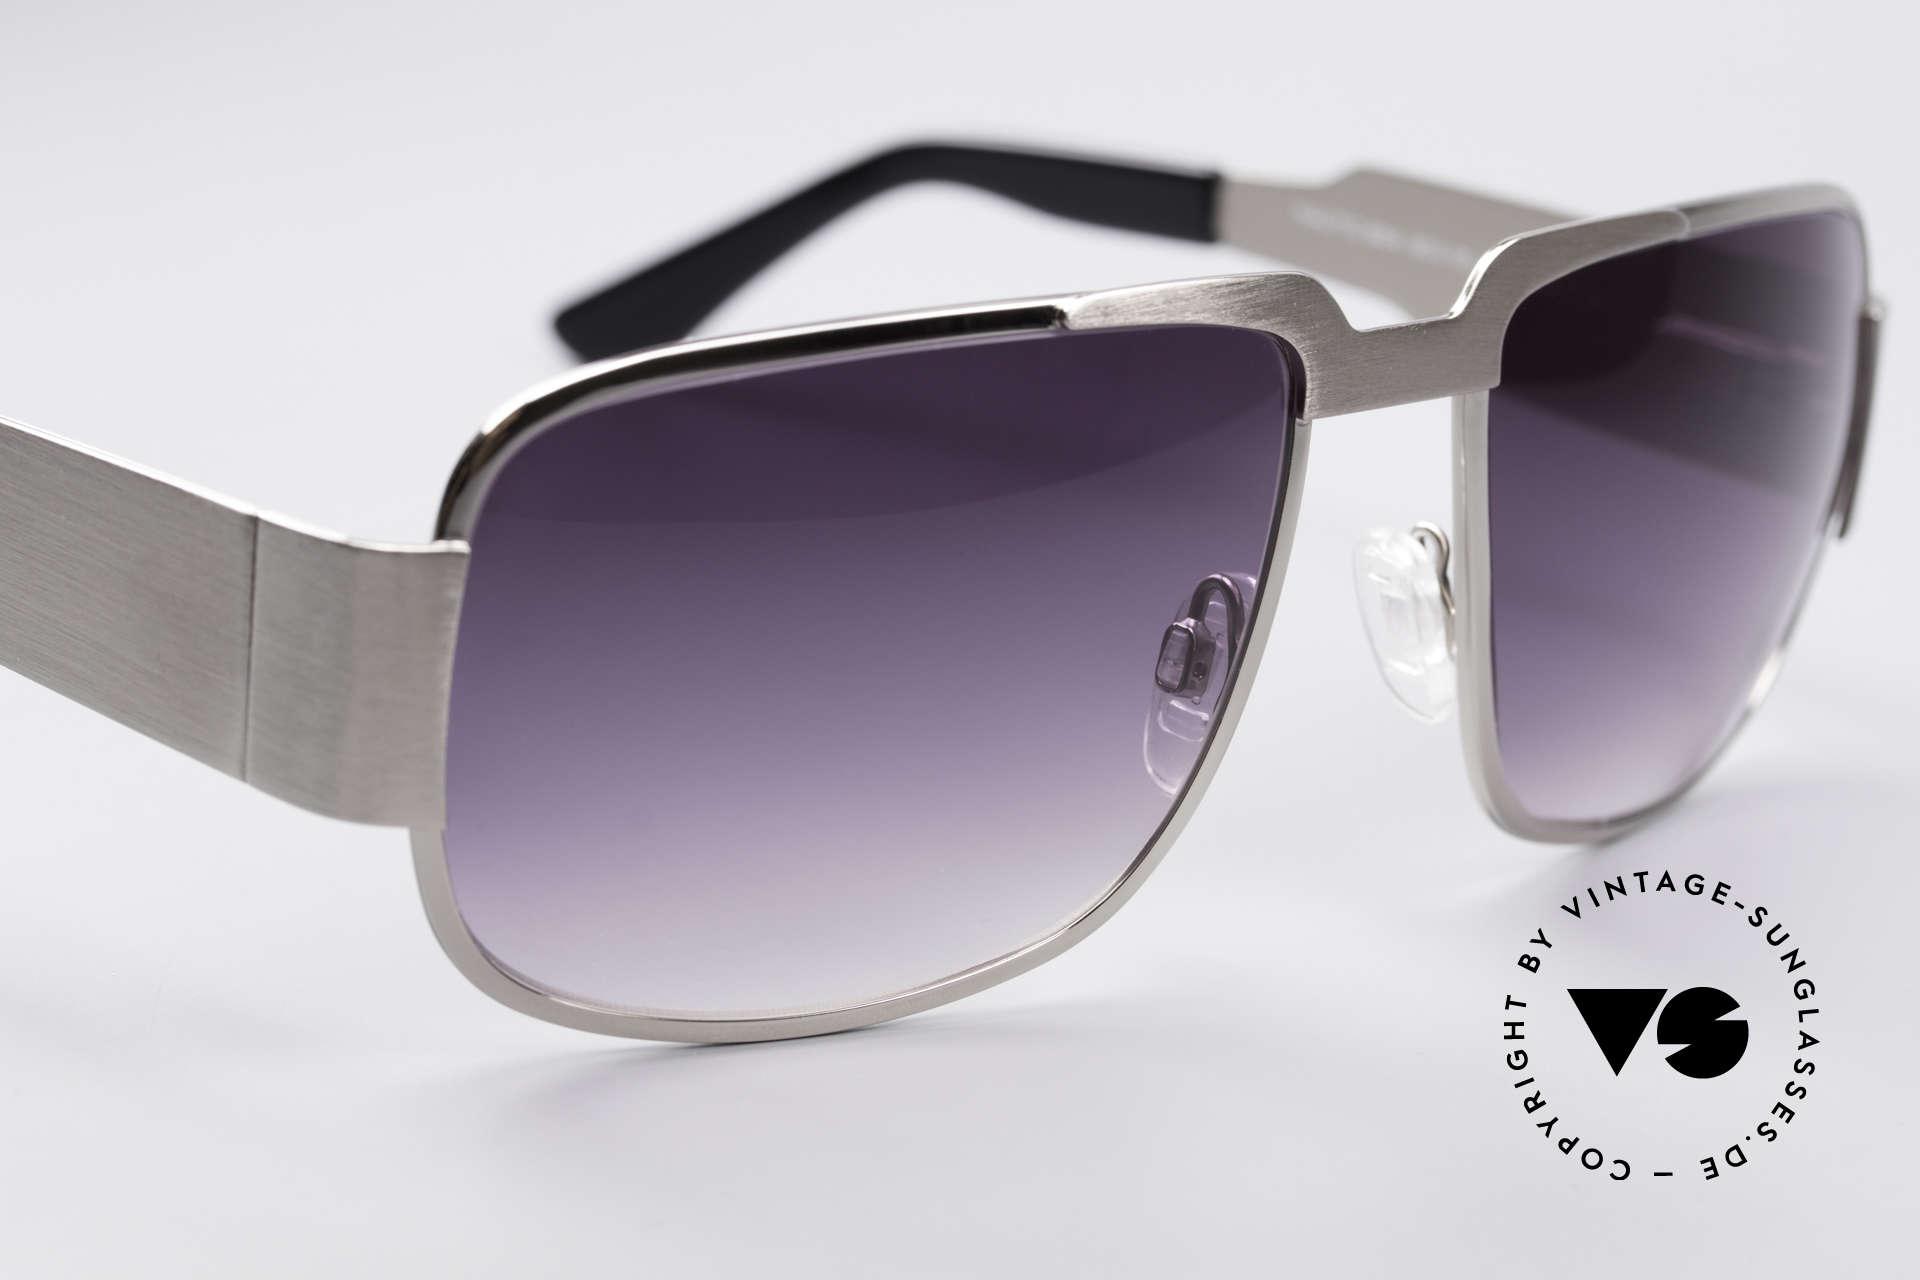 Neostyle Nautic 2 Elvis Presley Sonnenbrille, 54 Gramm schwer u. 145mm Rahmen-Breite = XXL-Größe!, Passend für Herren